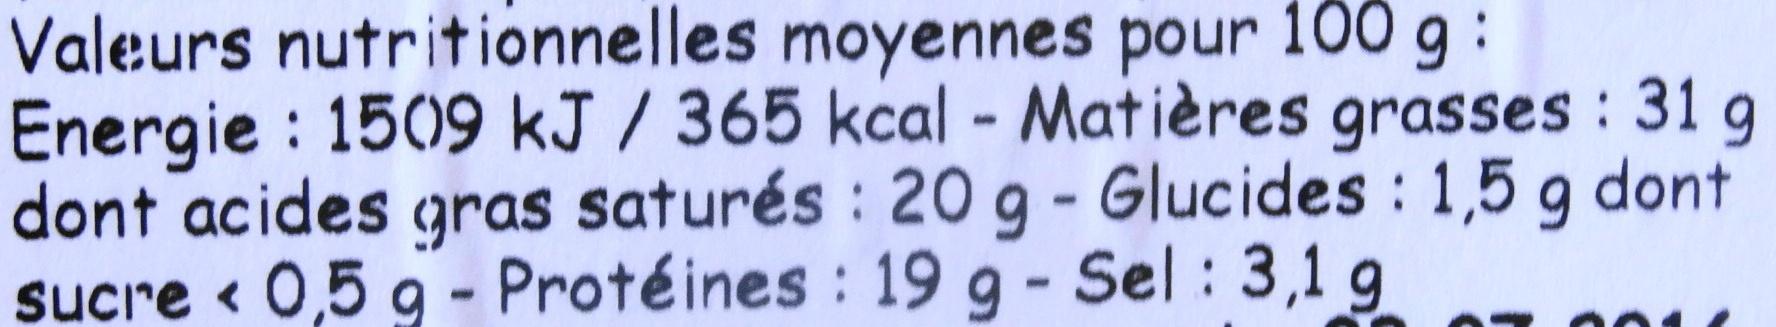 Roquefort Vernières frères - Informations nutritionnelles - fr